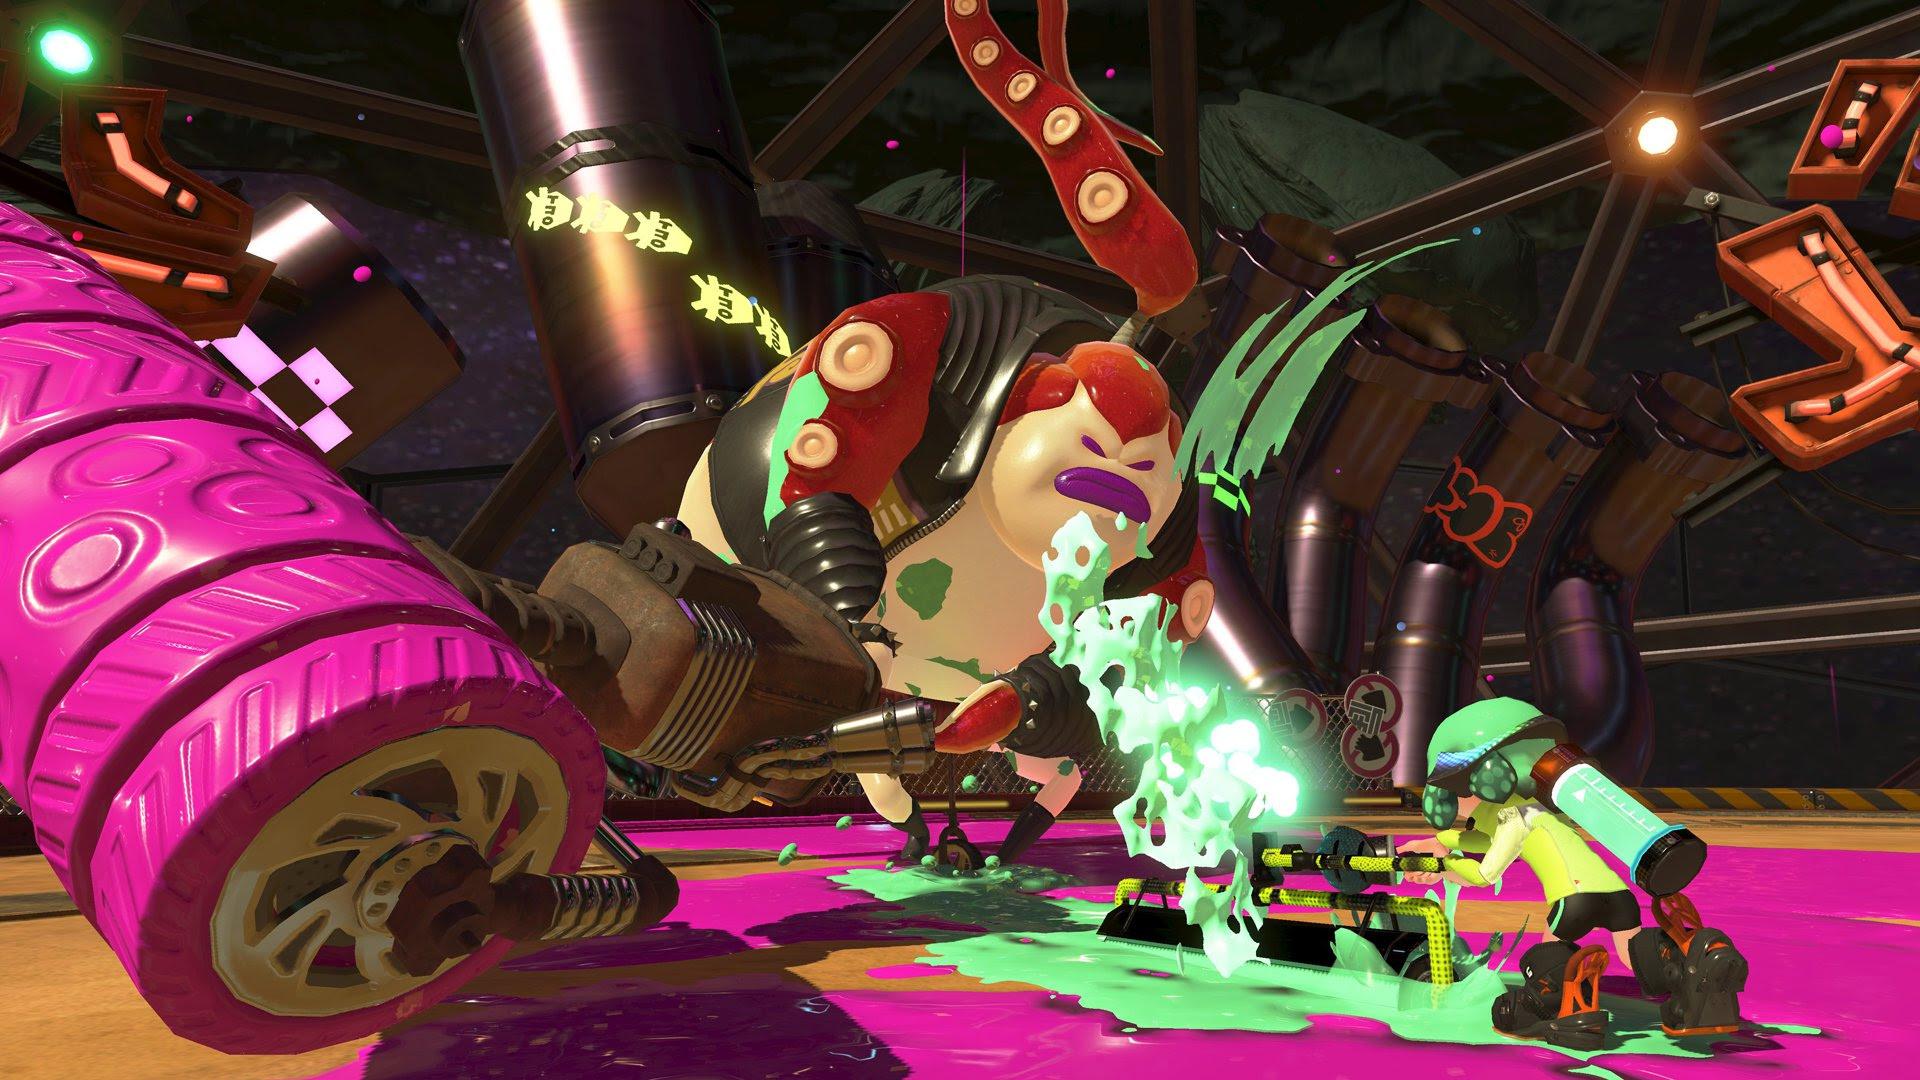 Nintendo Download: Splatoon 2 screenshot